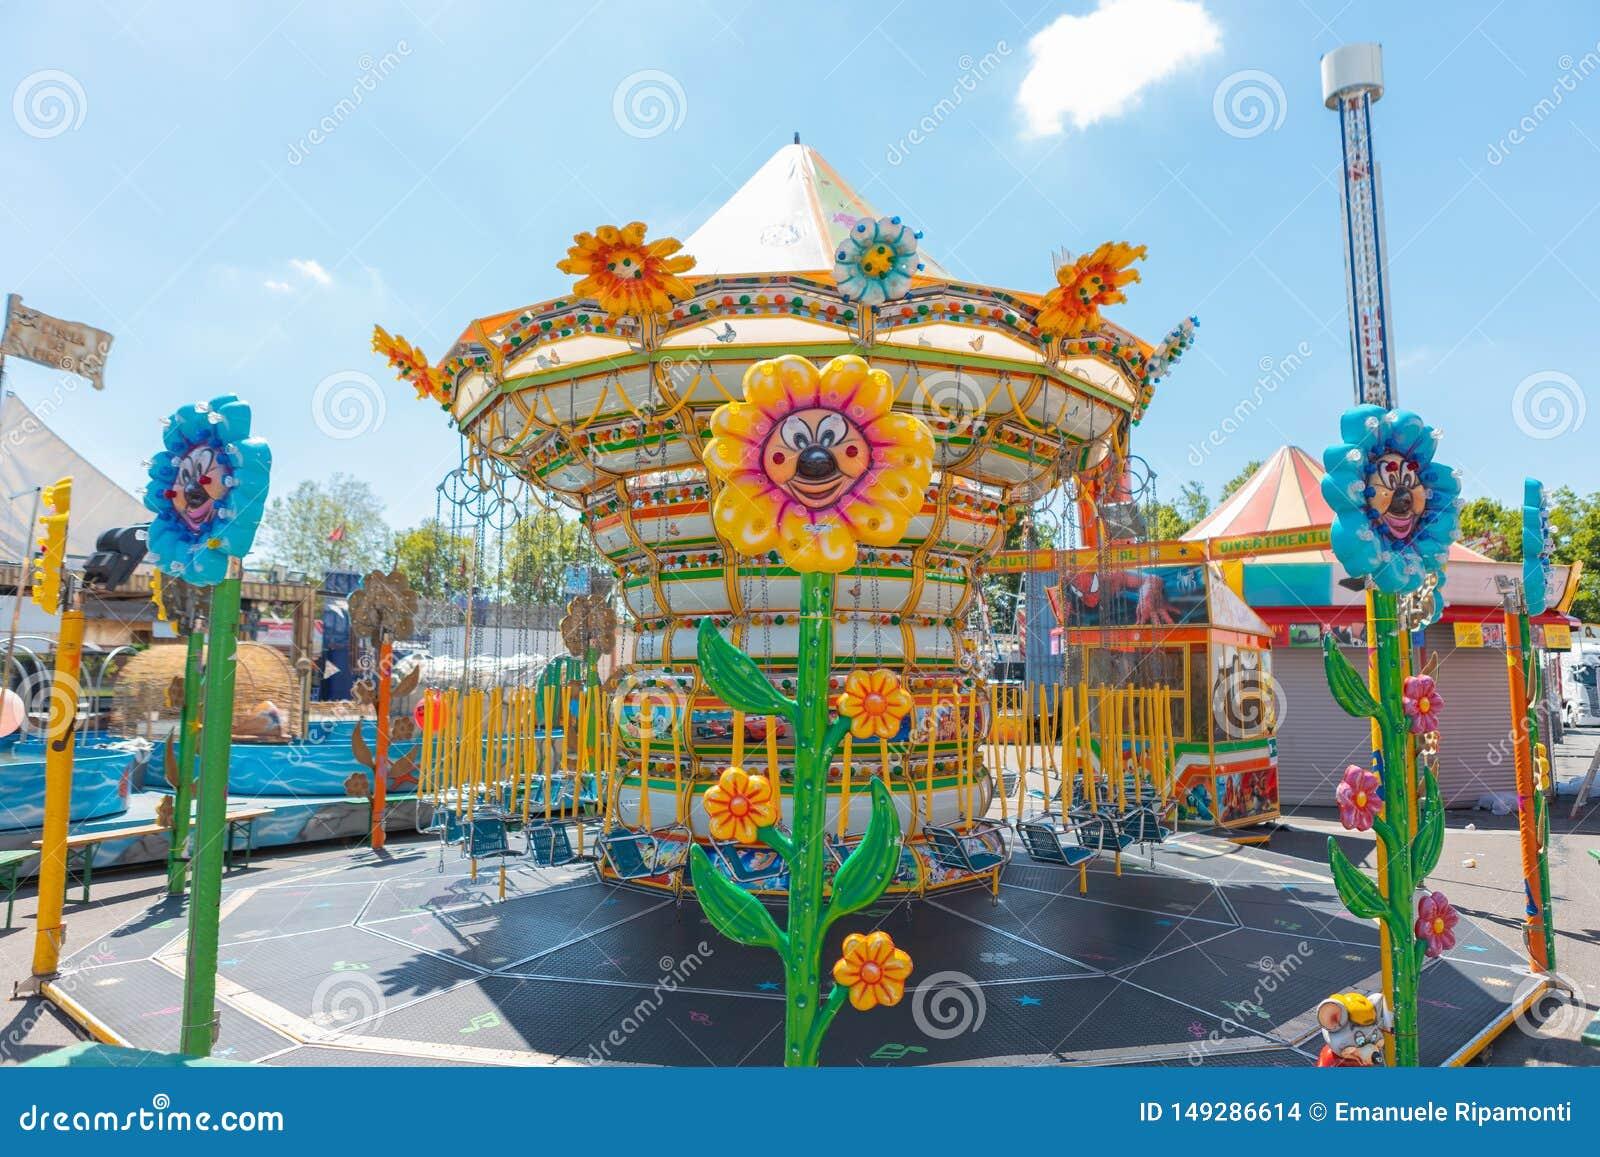 De carrouselkettingen voor kinderen in heldere kleuren tijdens een markt in een Italiaanse parkbloem gaven lichten gestalte